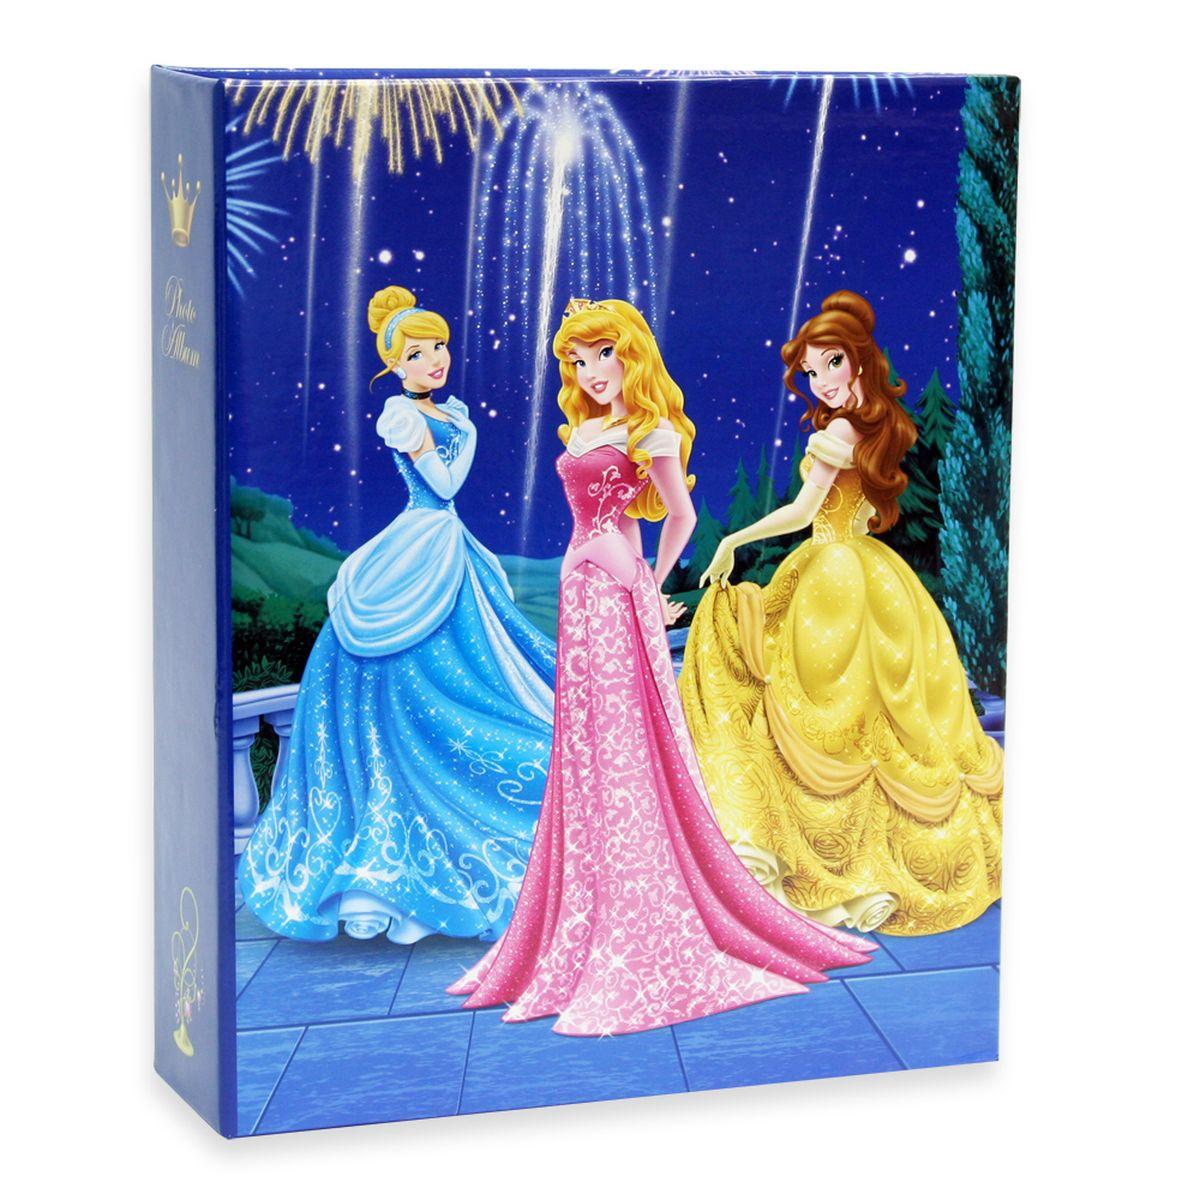 Фотоальбом Pioneer Princess, 200 фотографий, 10 х 15 см. 46563 LM-4R200 фотоальбом platinum соцветие 200 фотографий 10 х 15 см